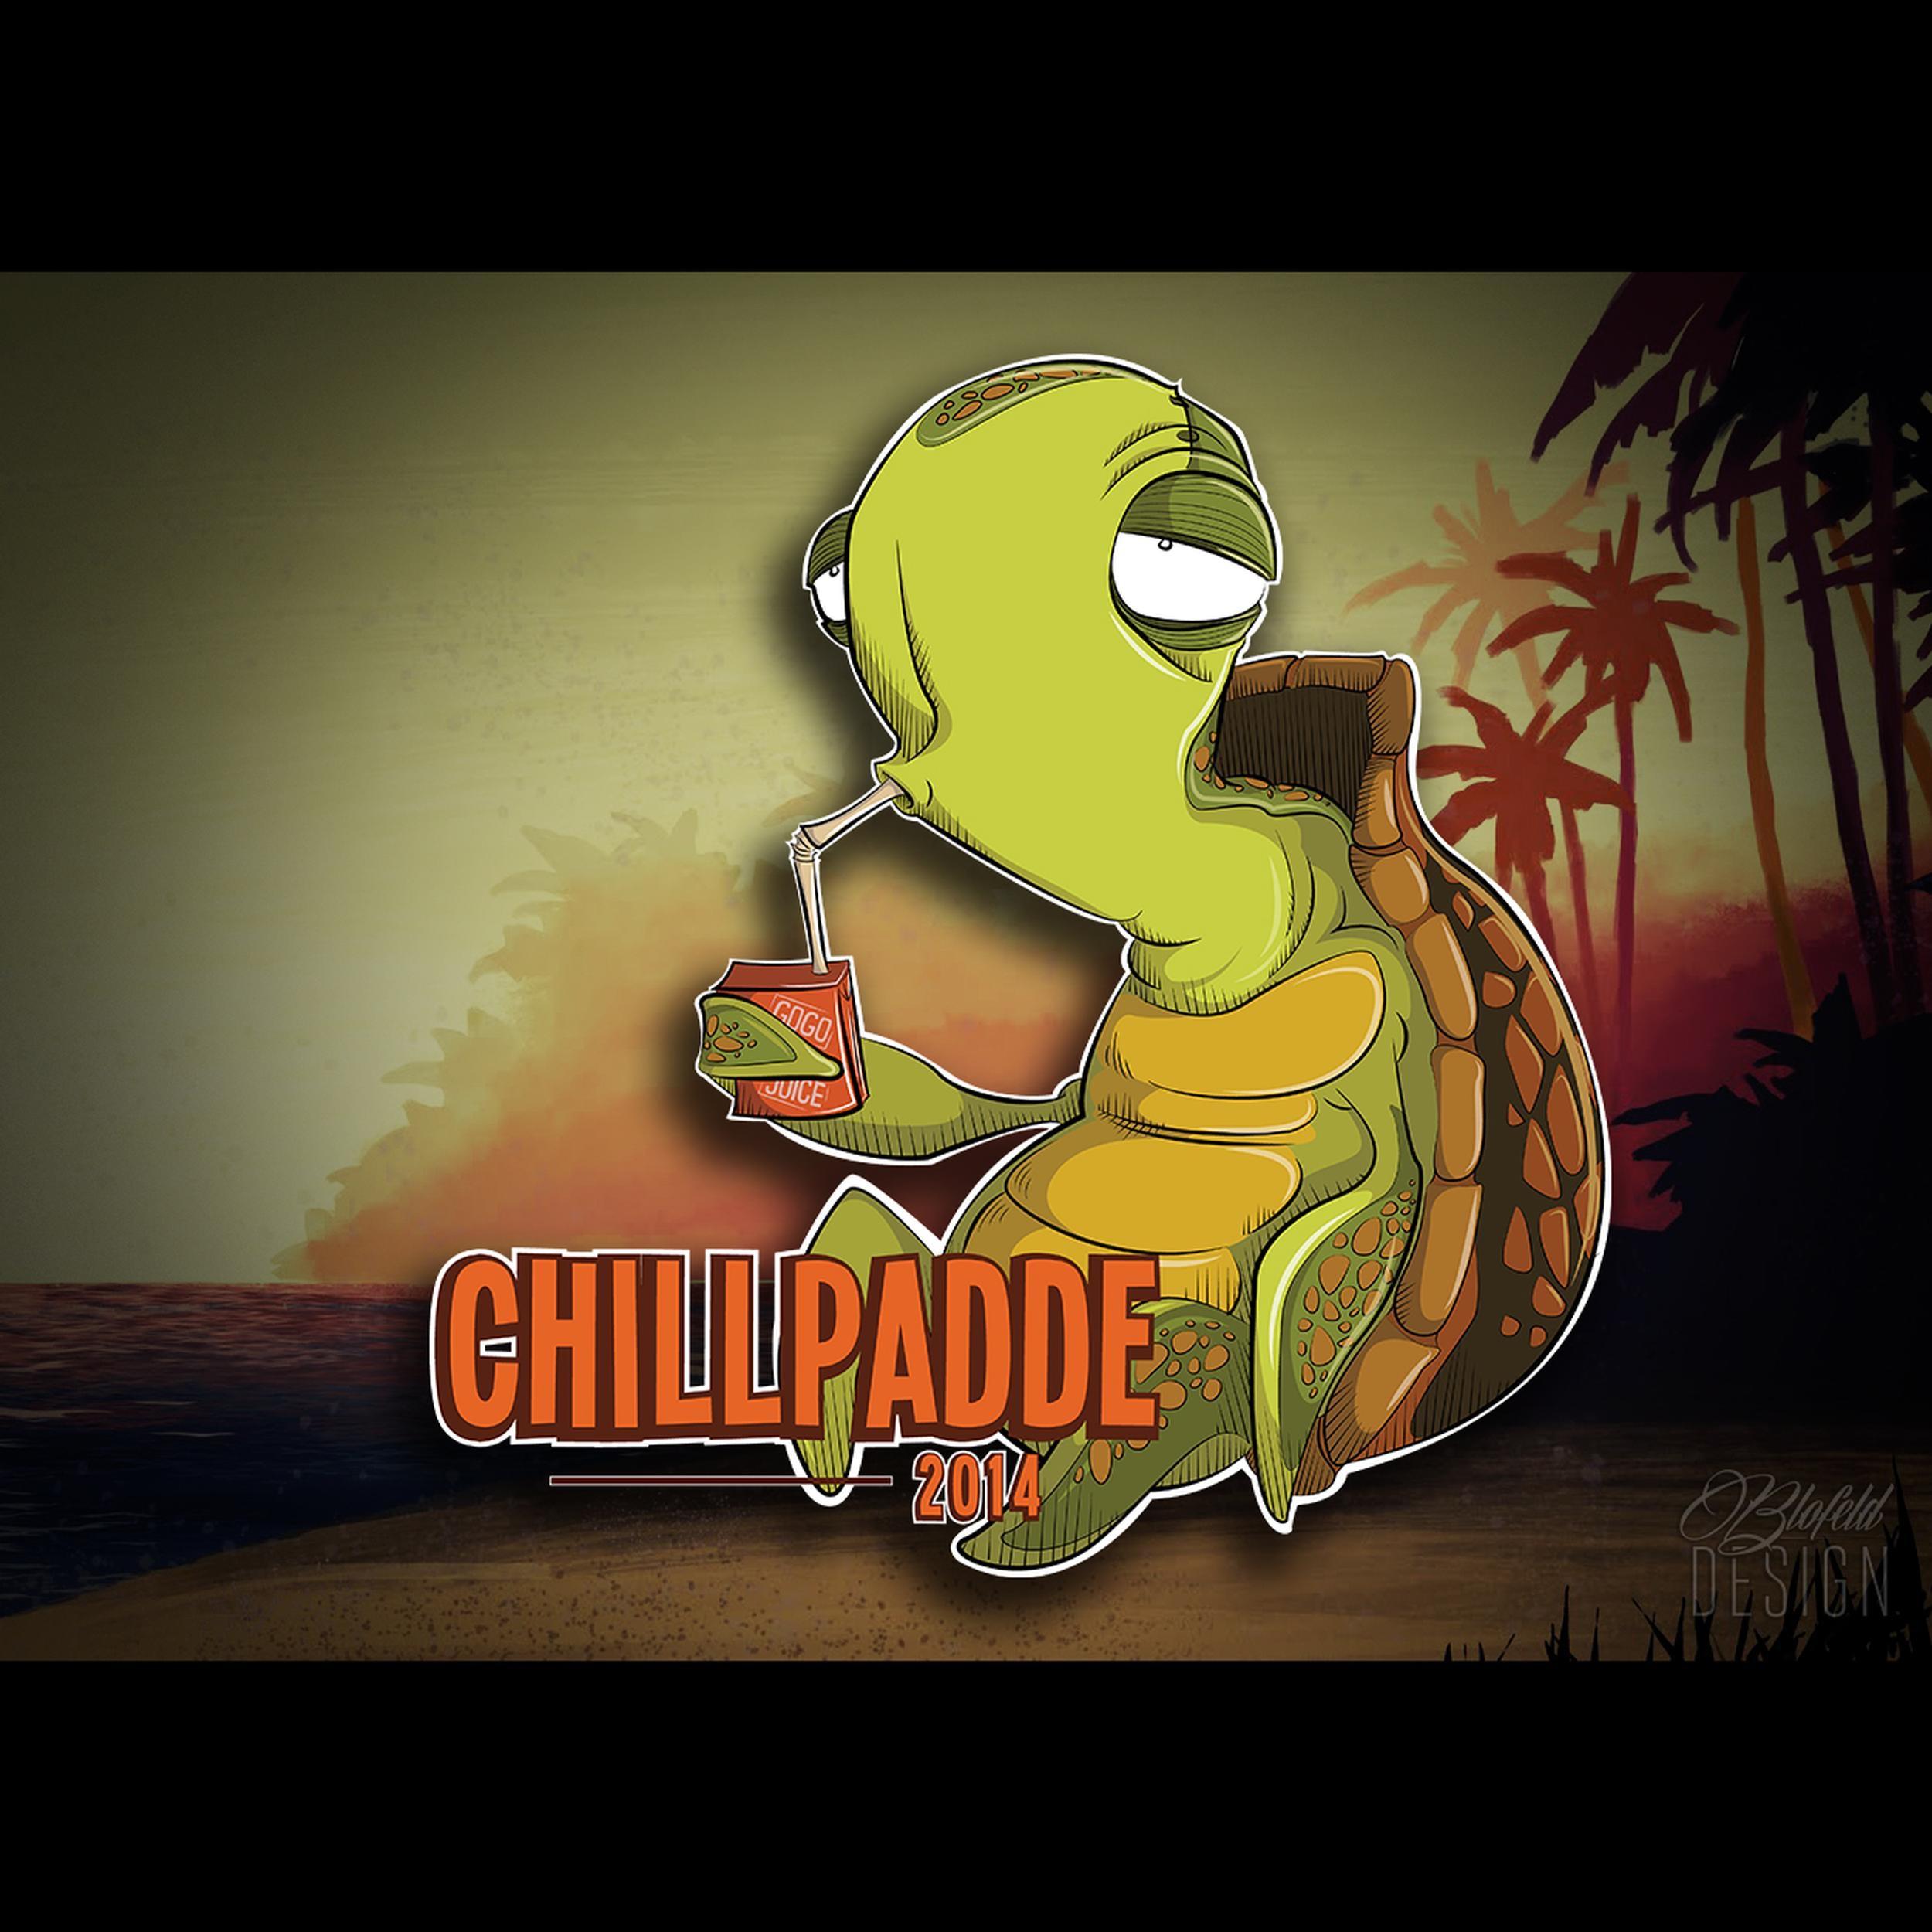 Chillpadde 2014 - Single